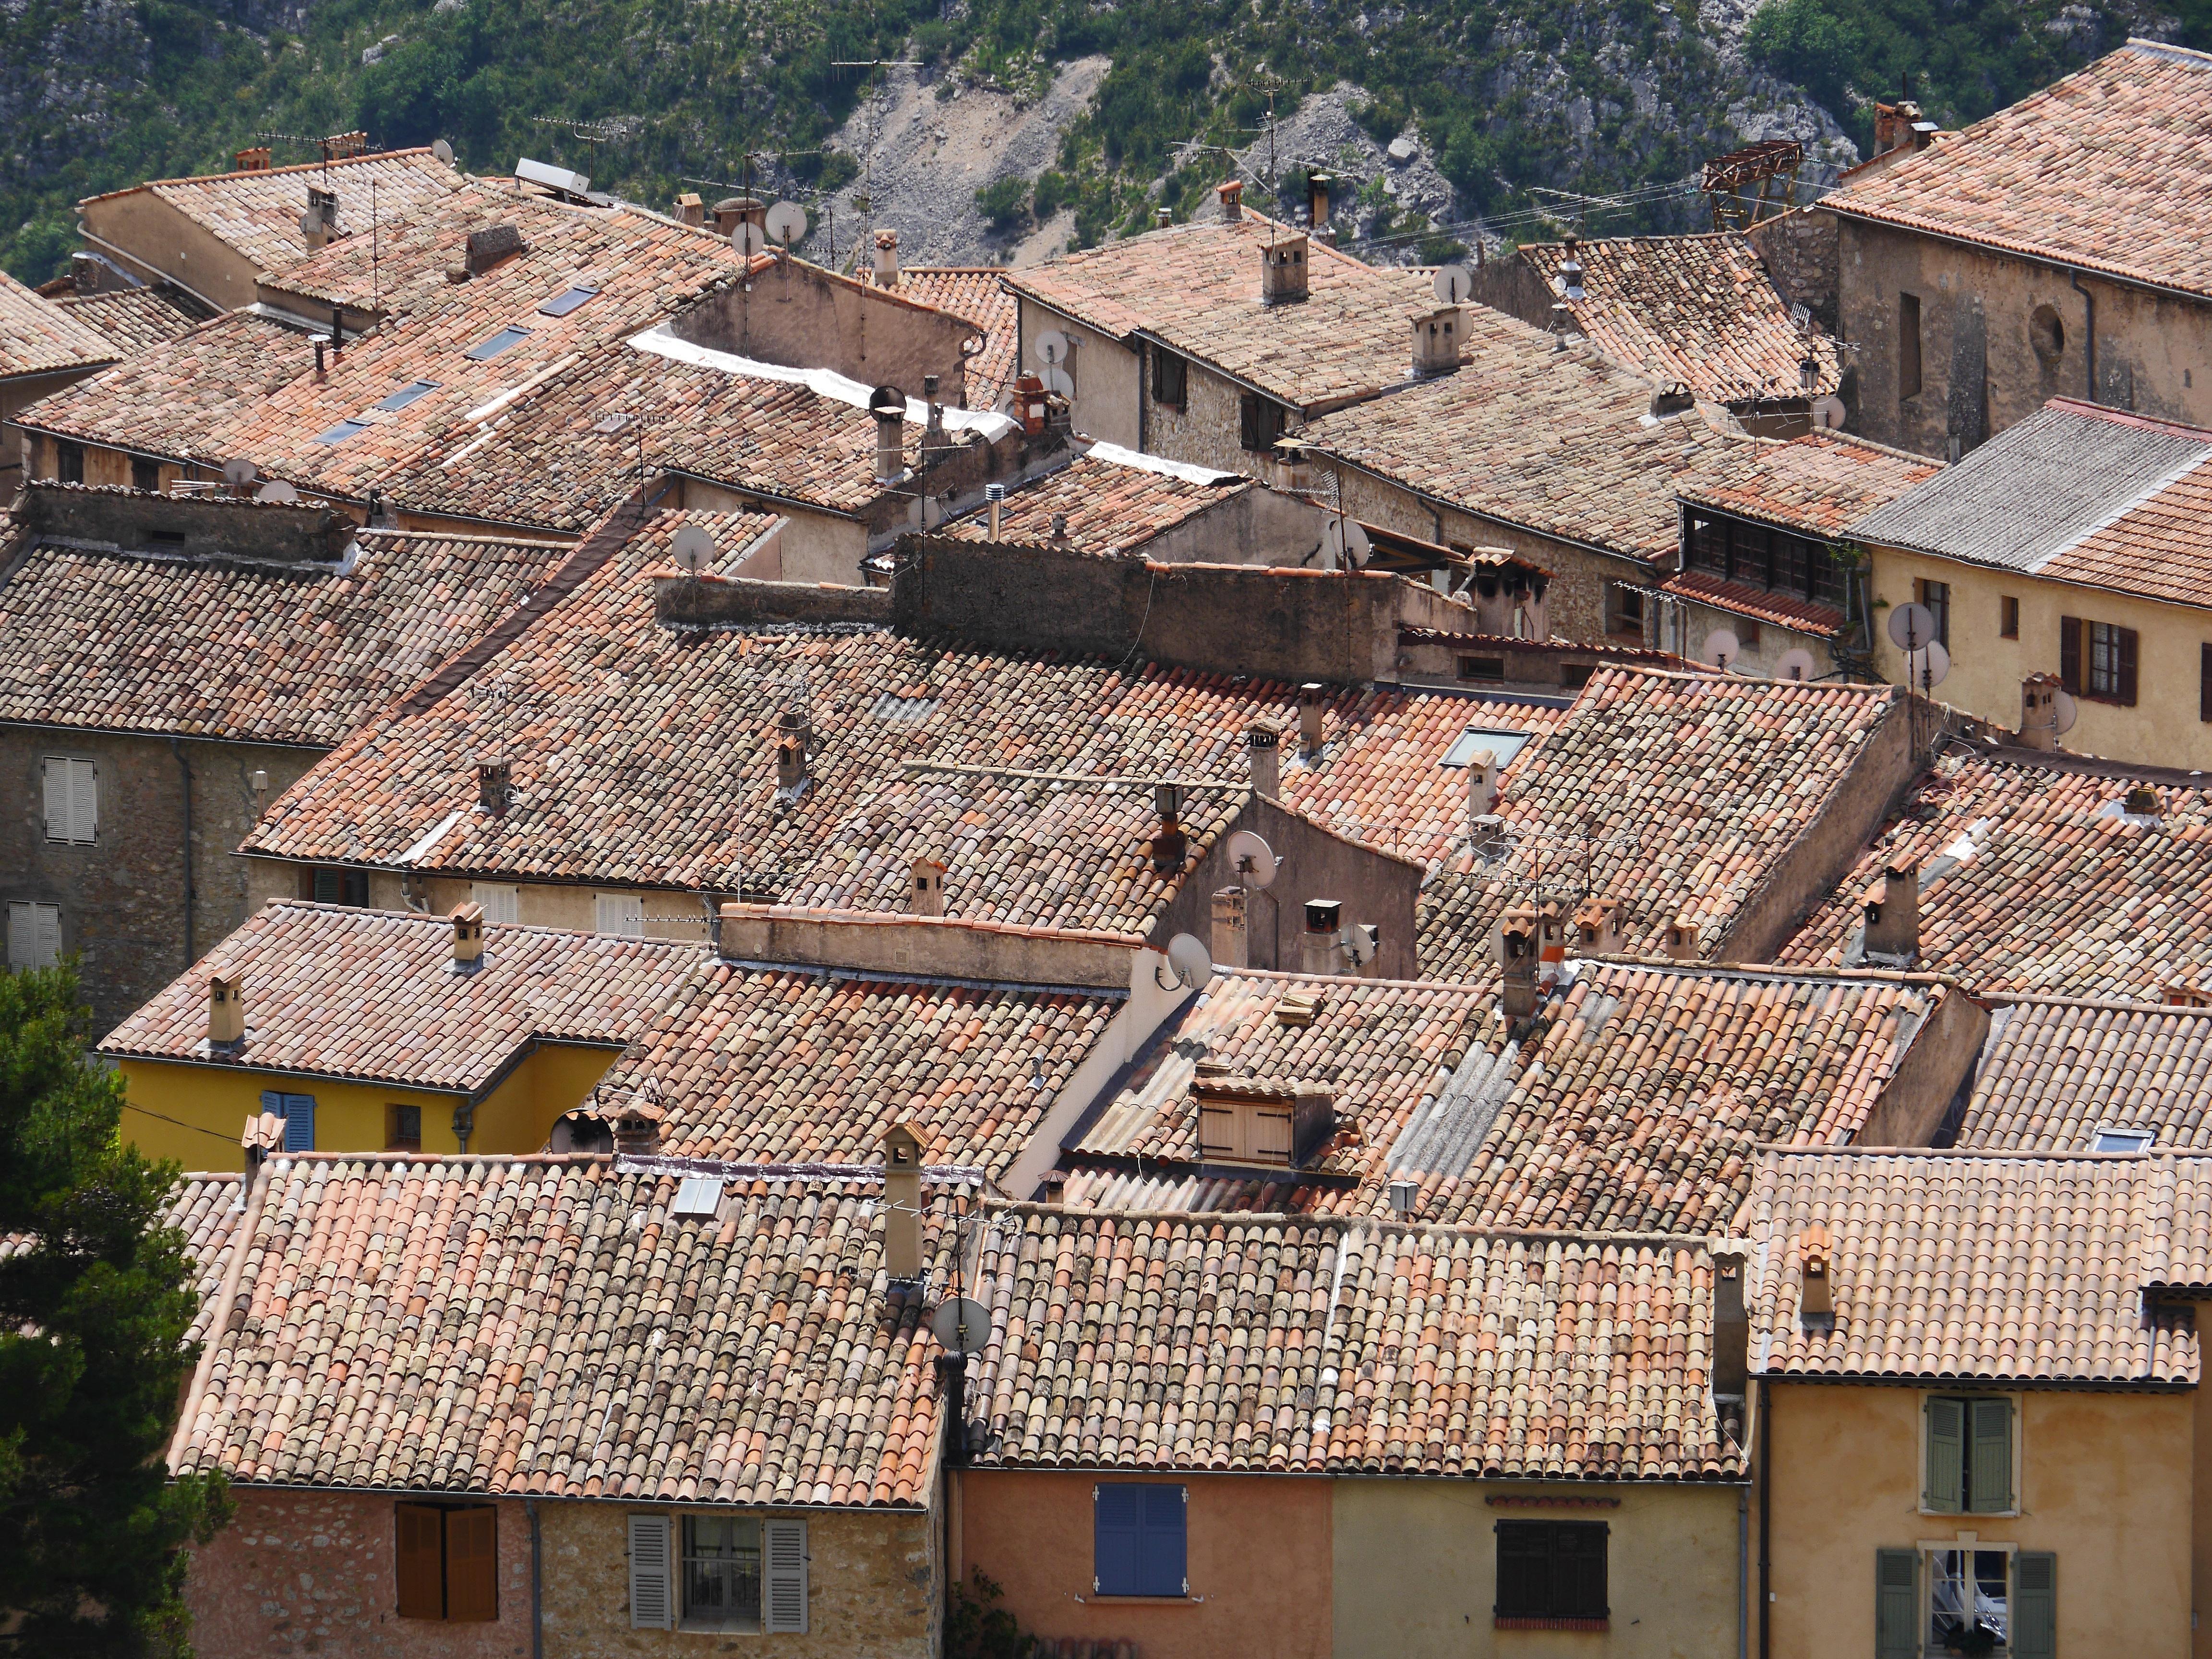 Maison Toit De France images gratuites : maison, ville, village, banlieue, rural